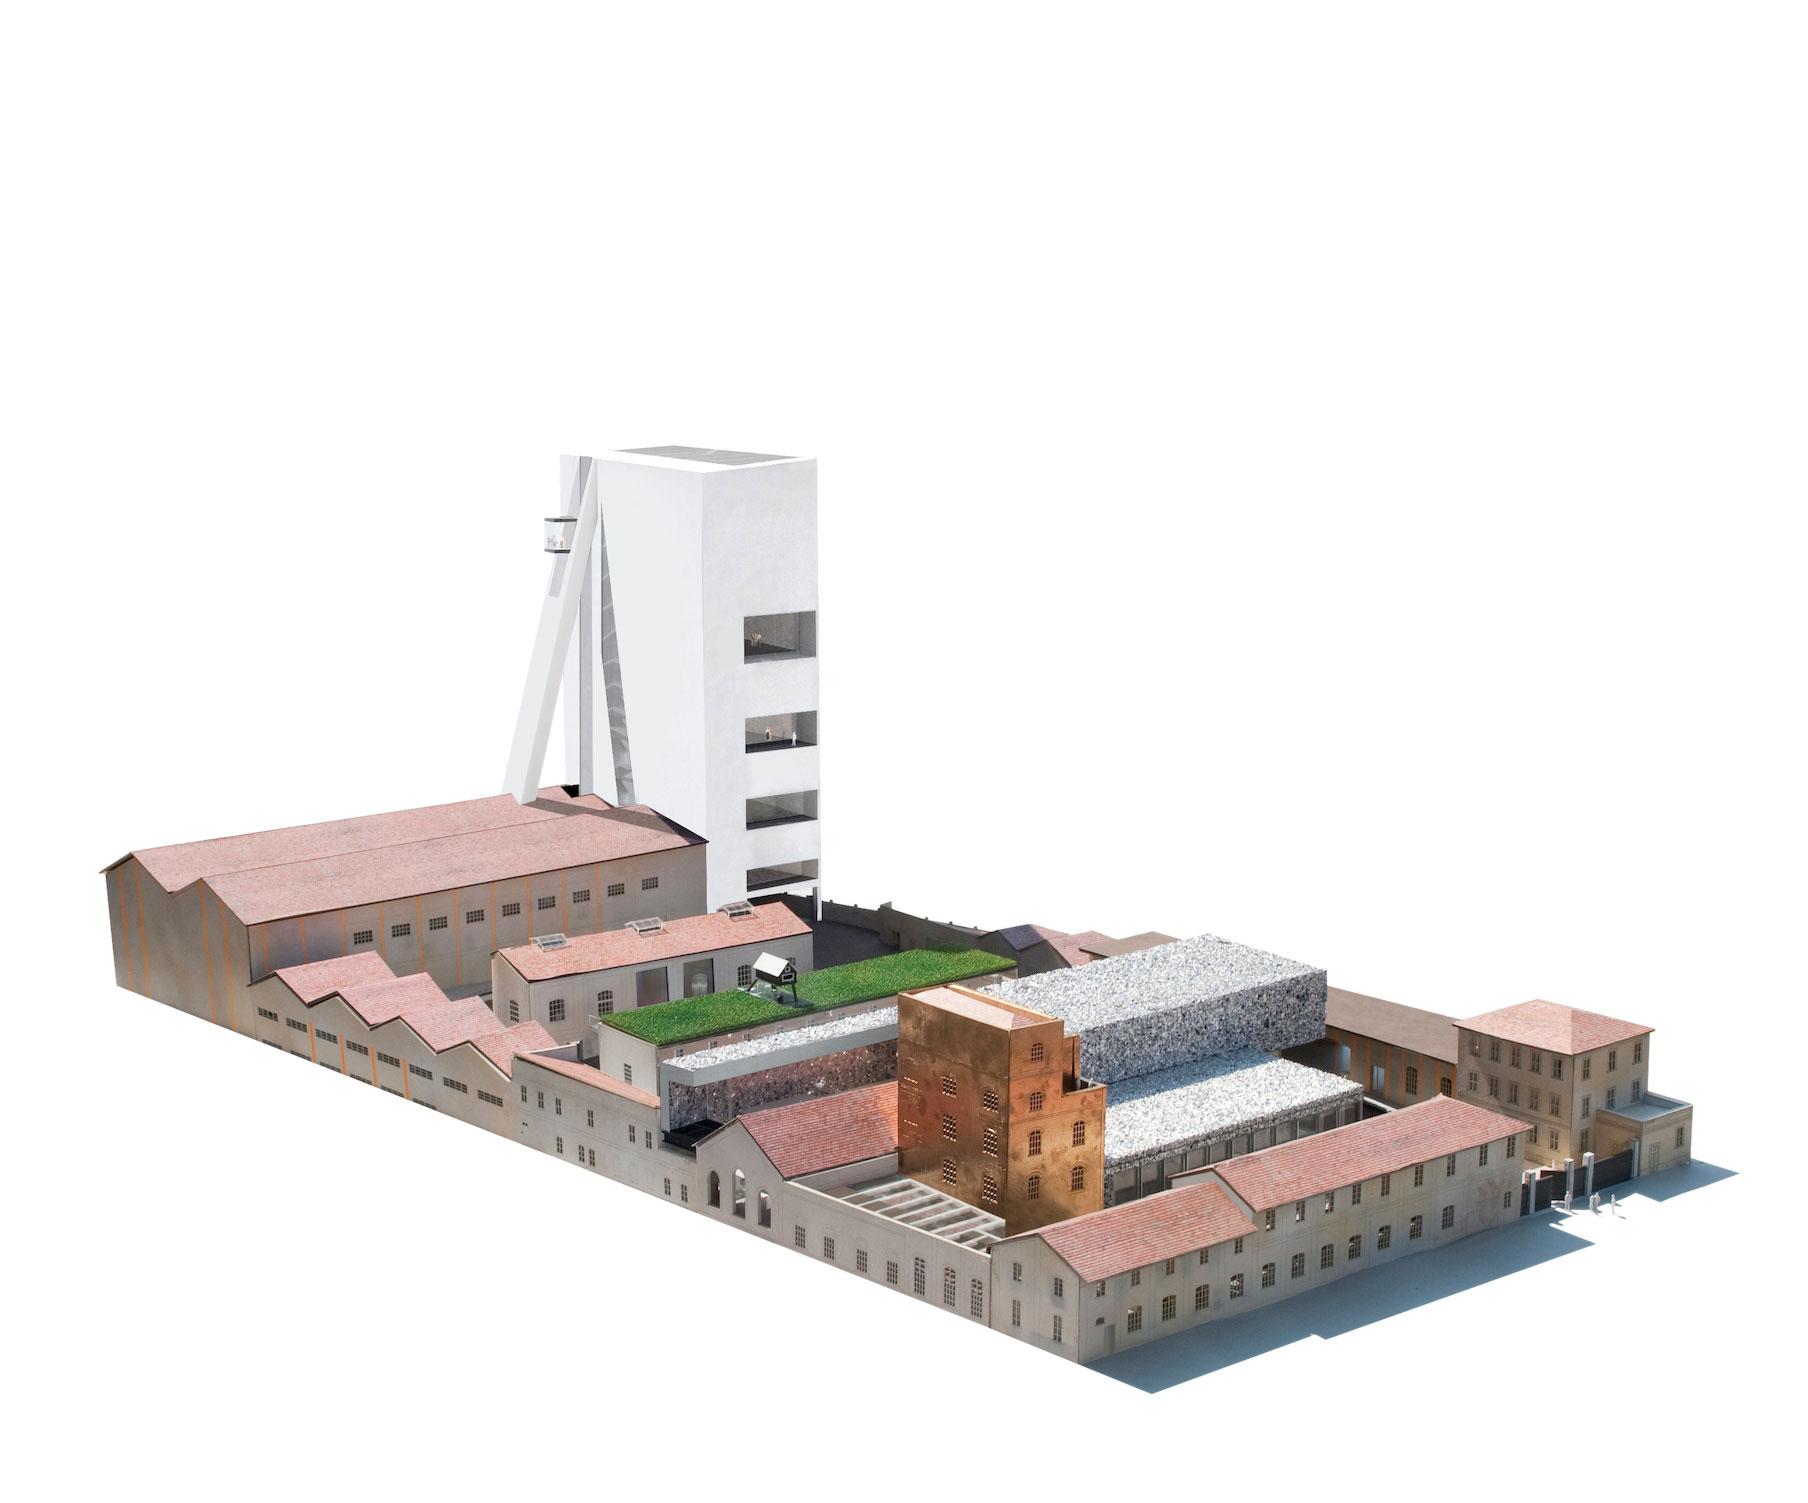 Maquette Fondazione Prada